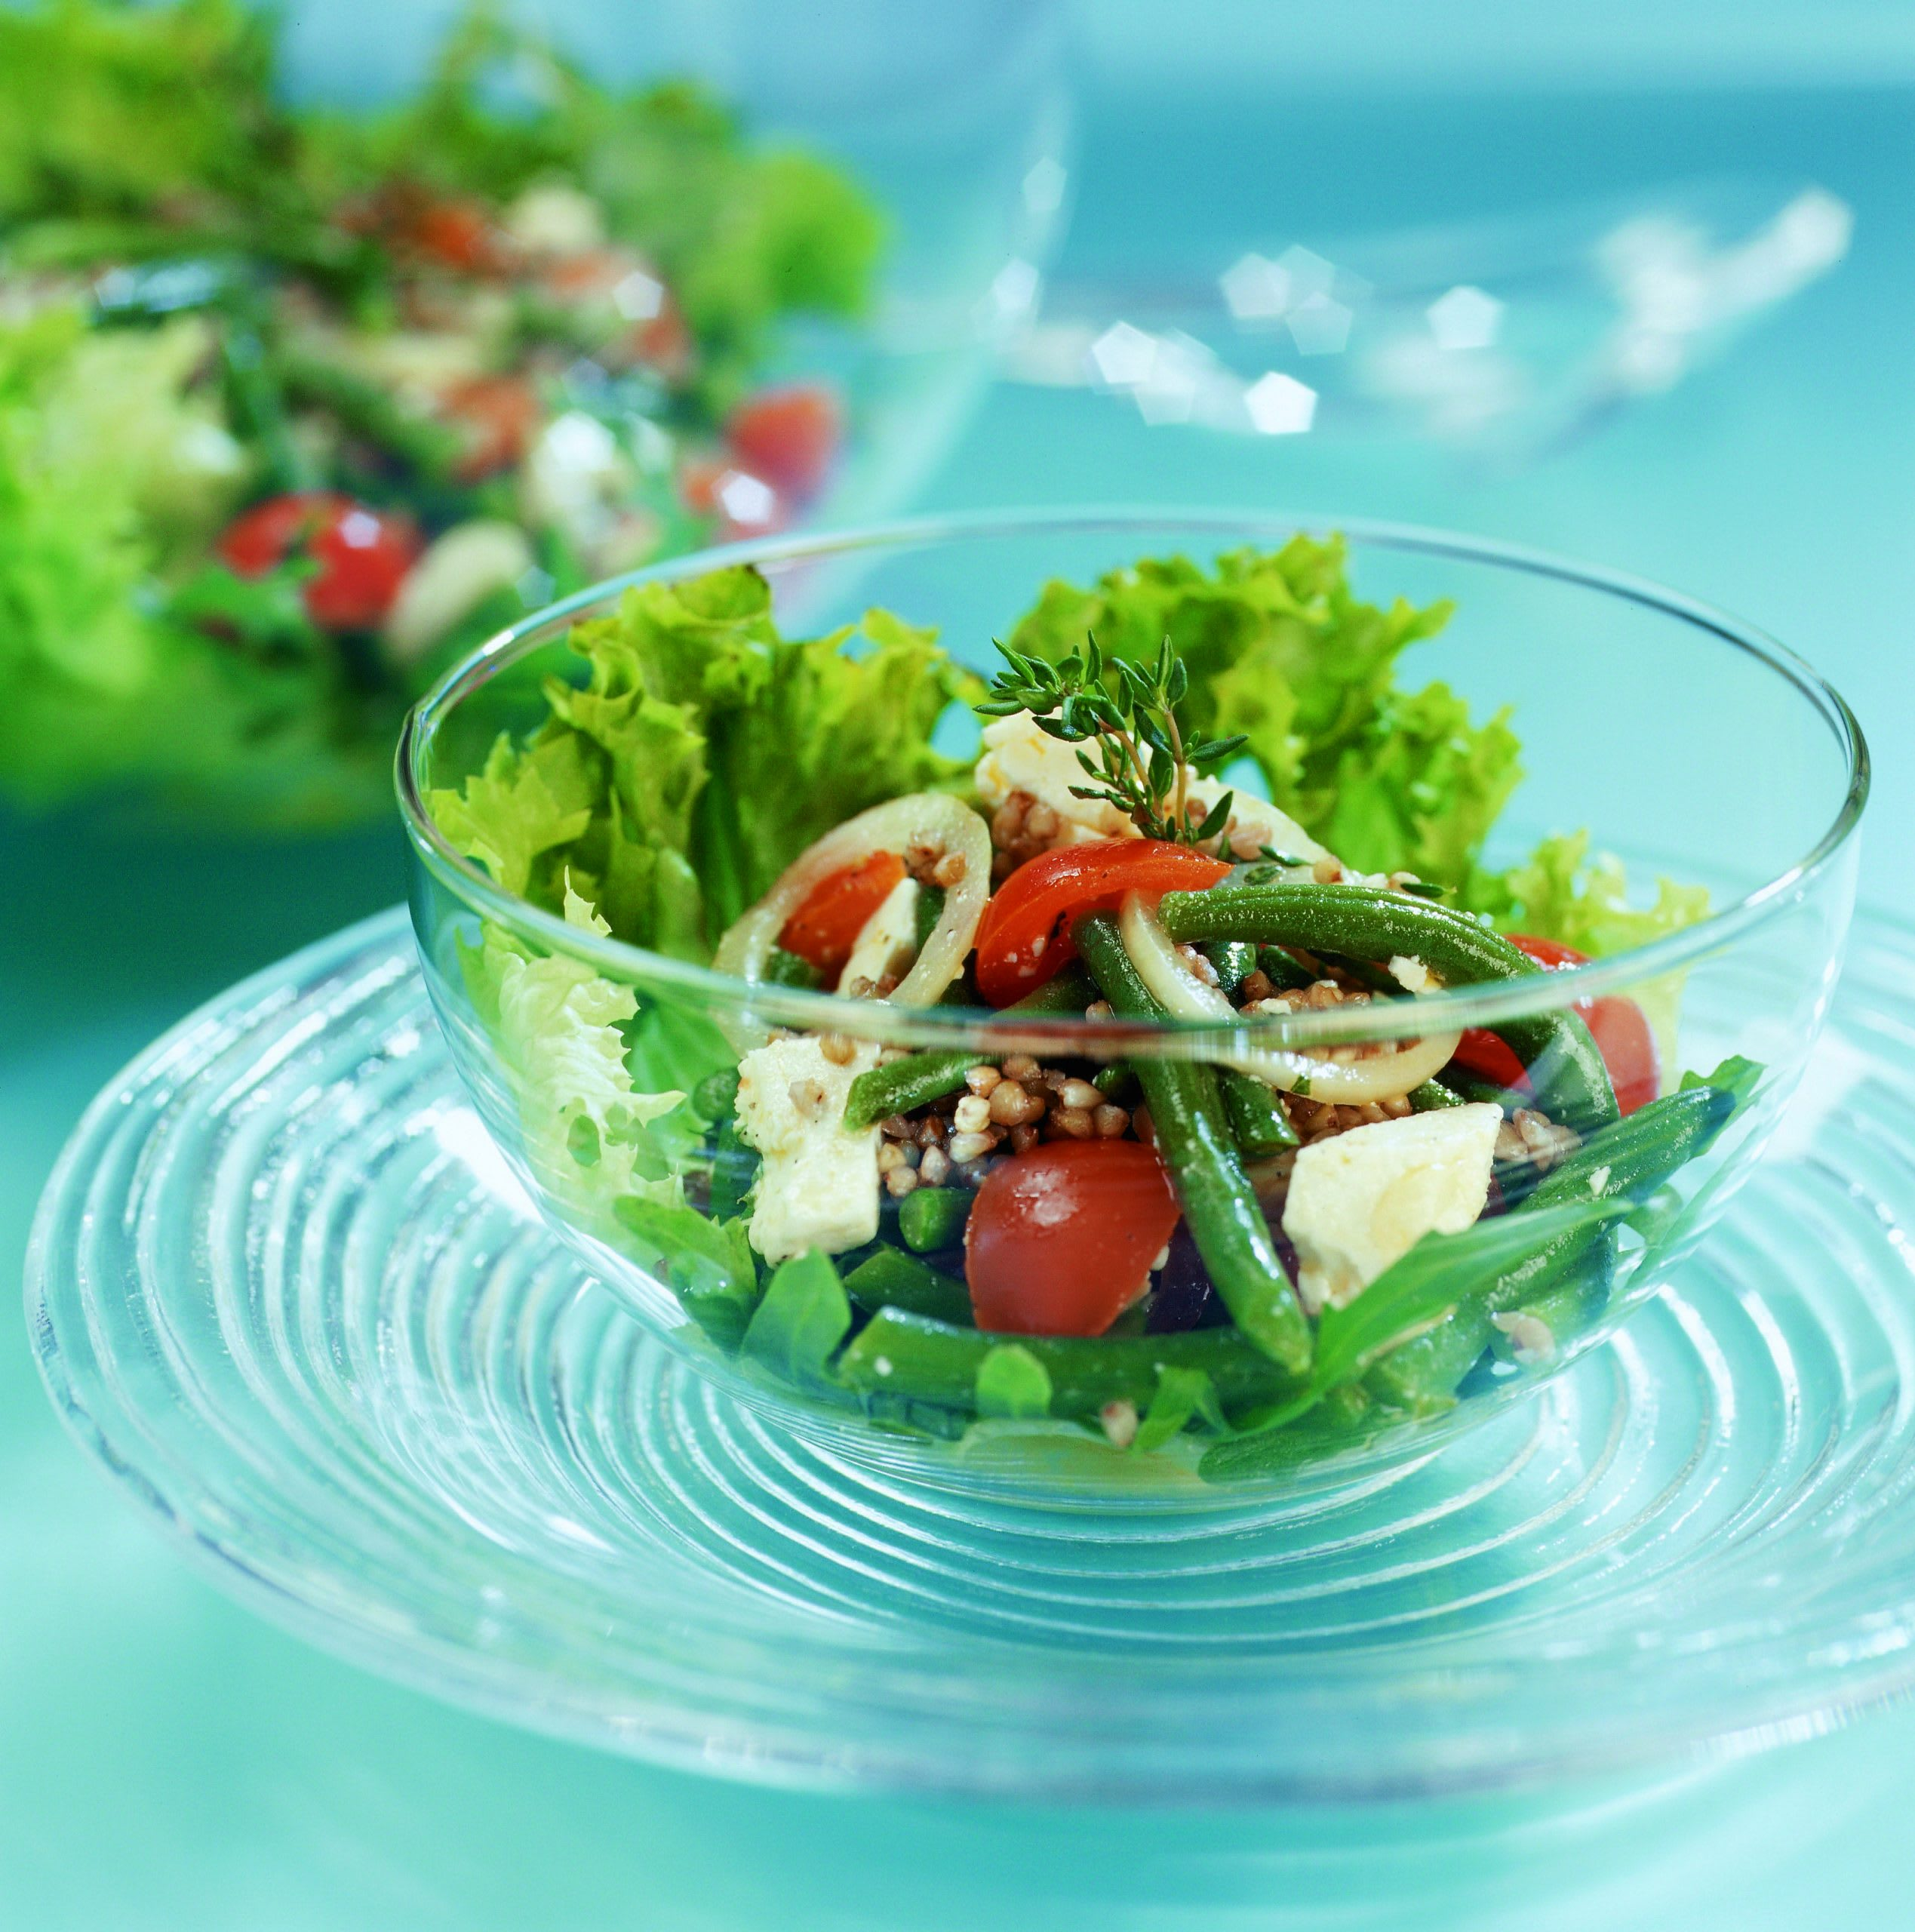 Salade estivale au sarrasin sauté